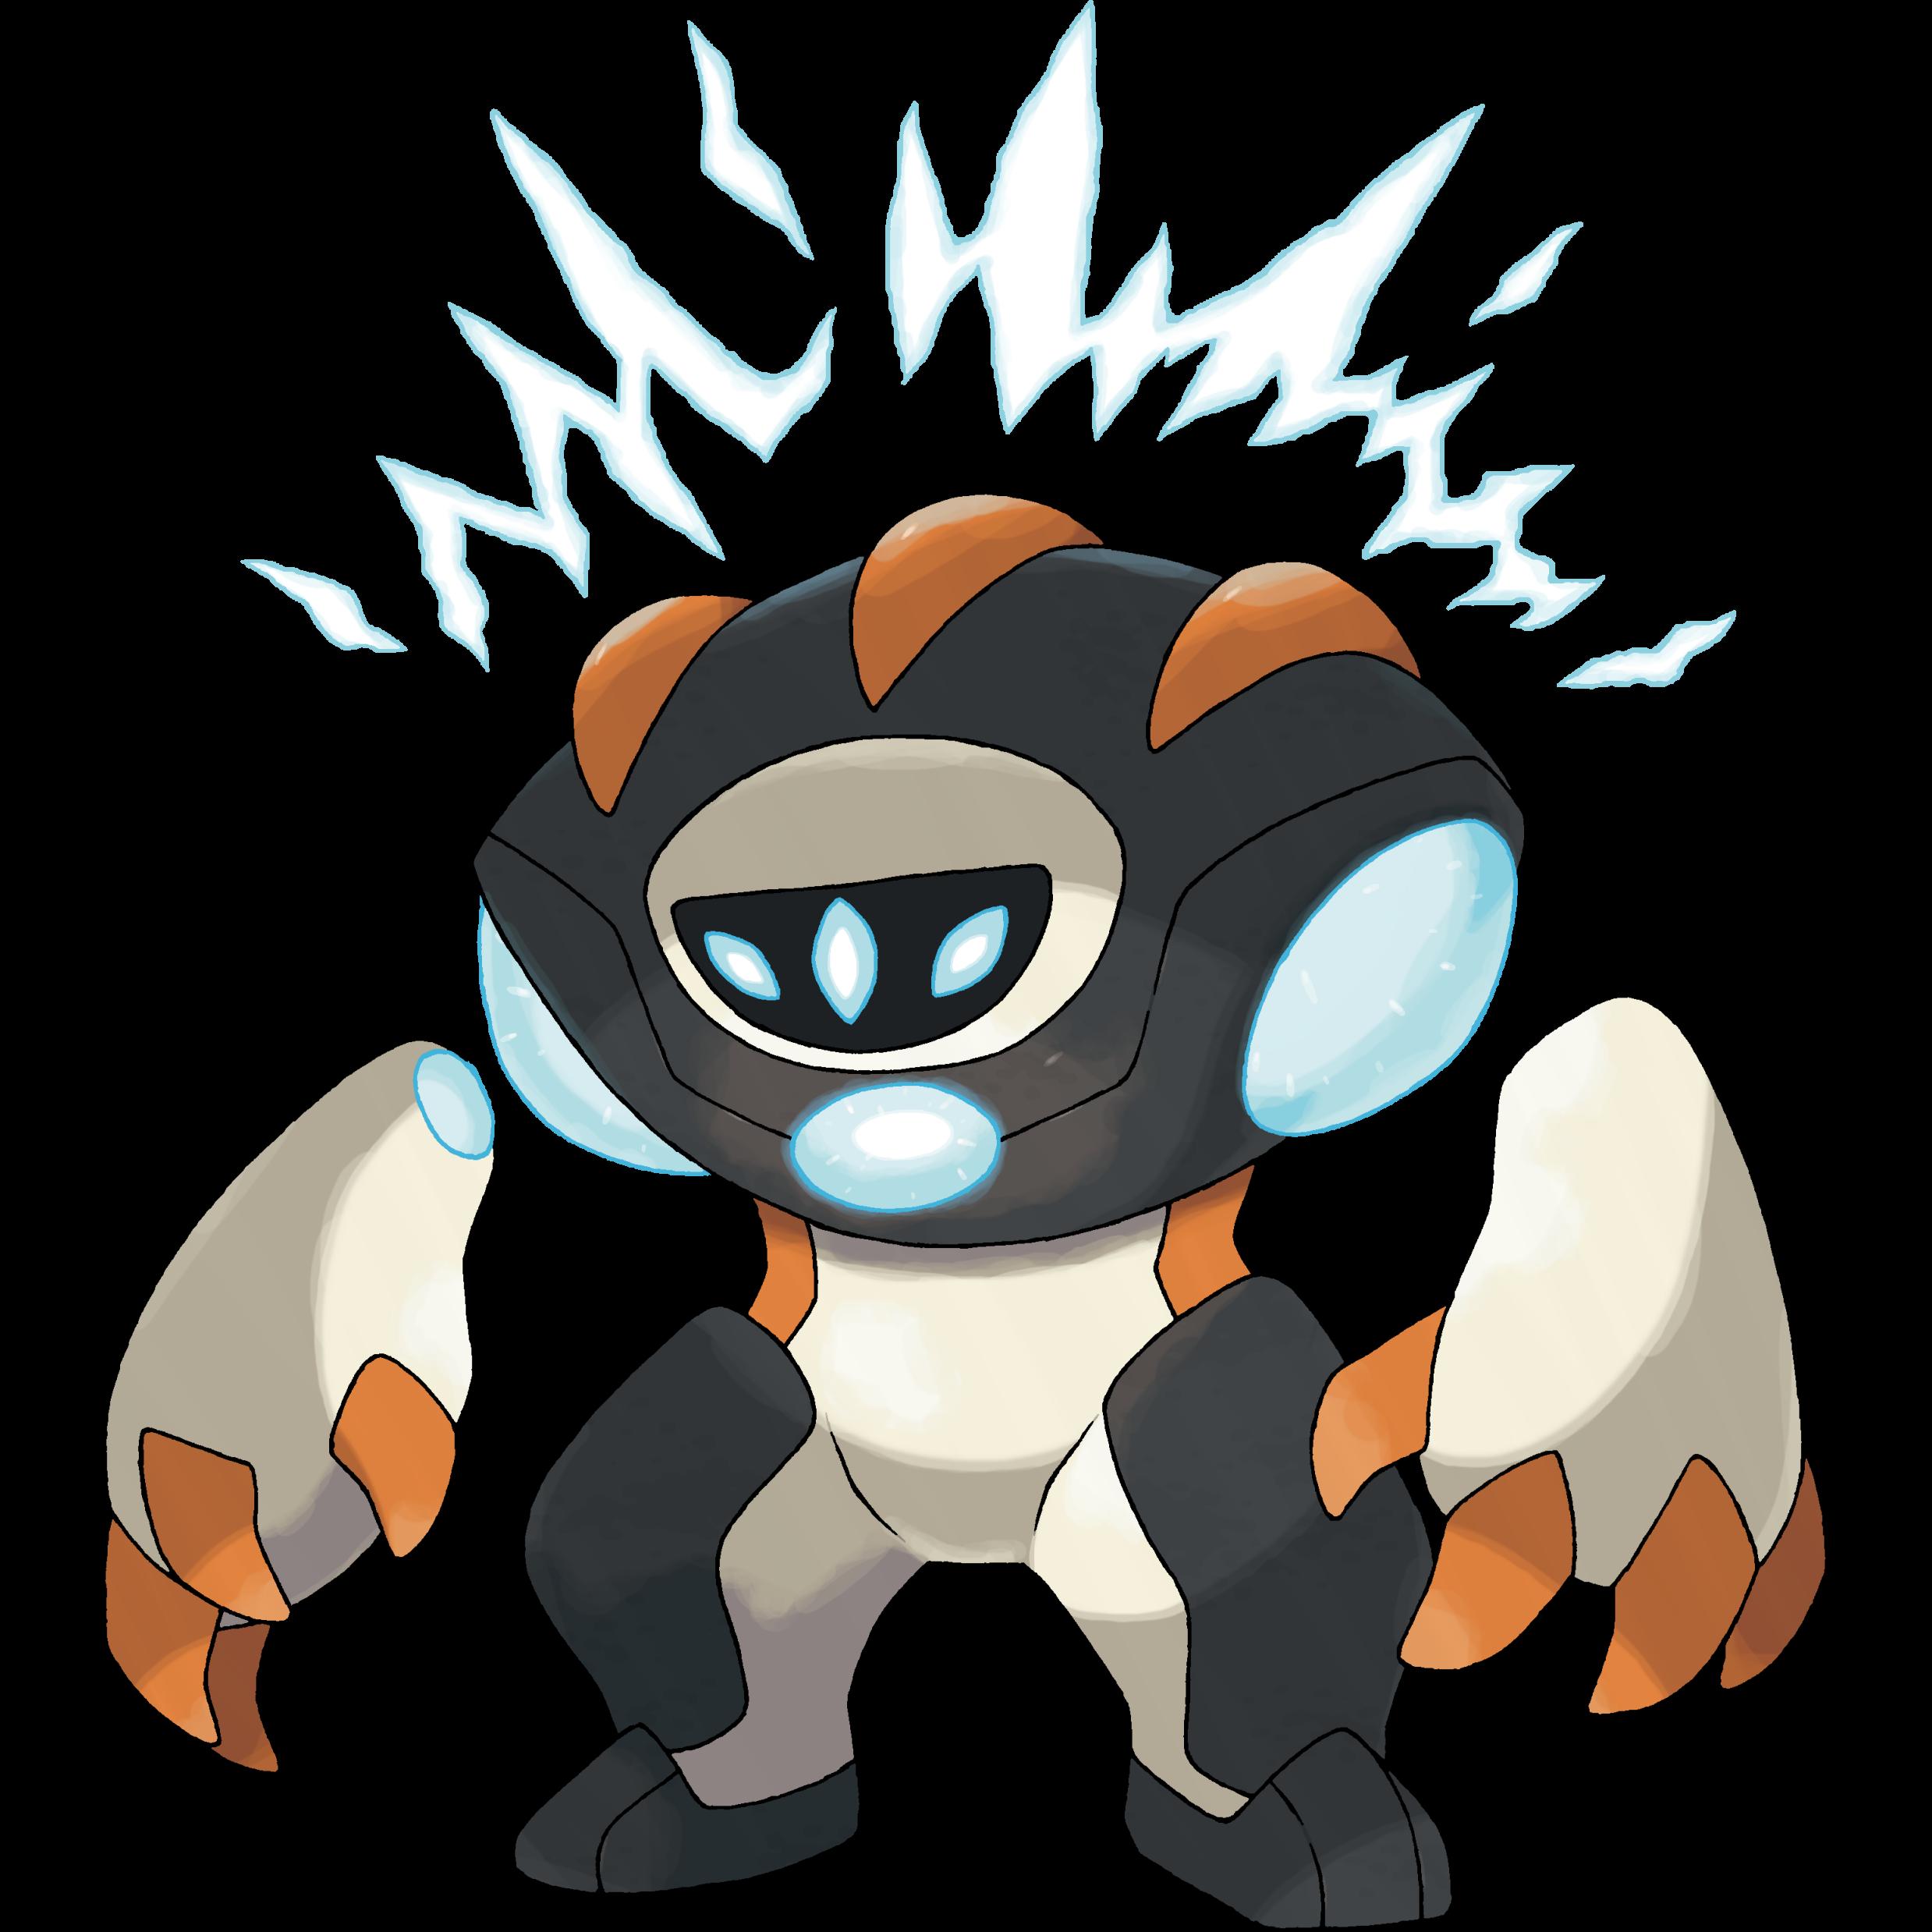 legendary pokémon capx wiki fandom powered by wikia